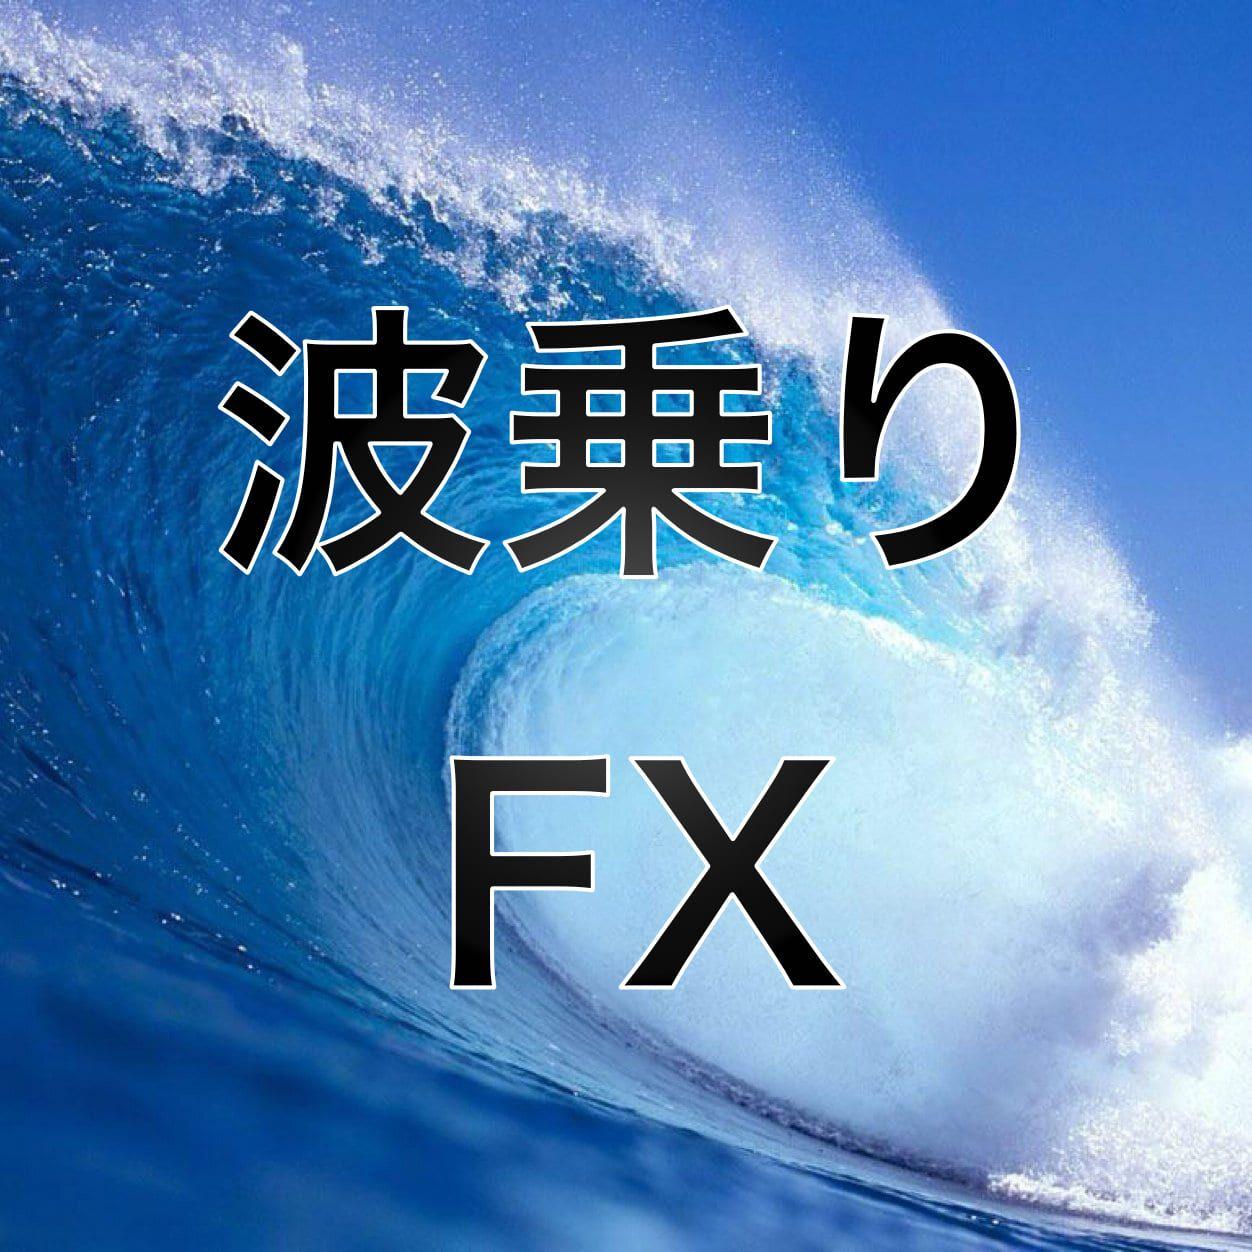 トレンドの波に乗るようにサインを出せるように開発したMT5専用ツールです。